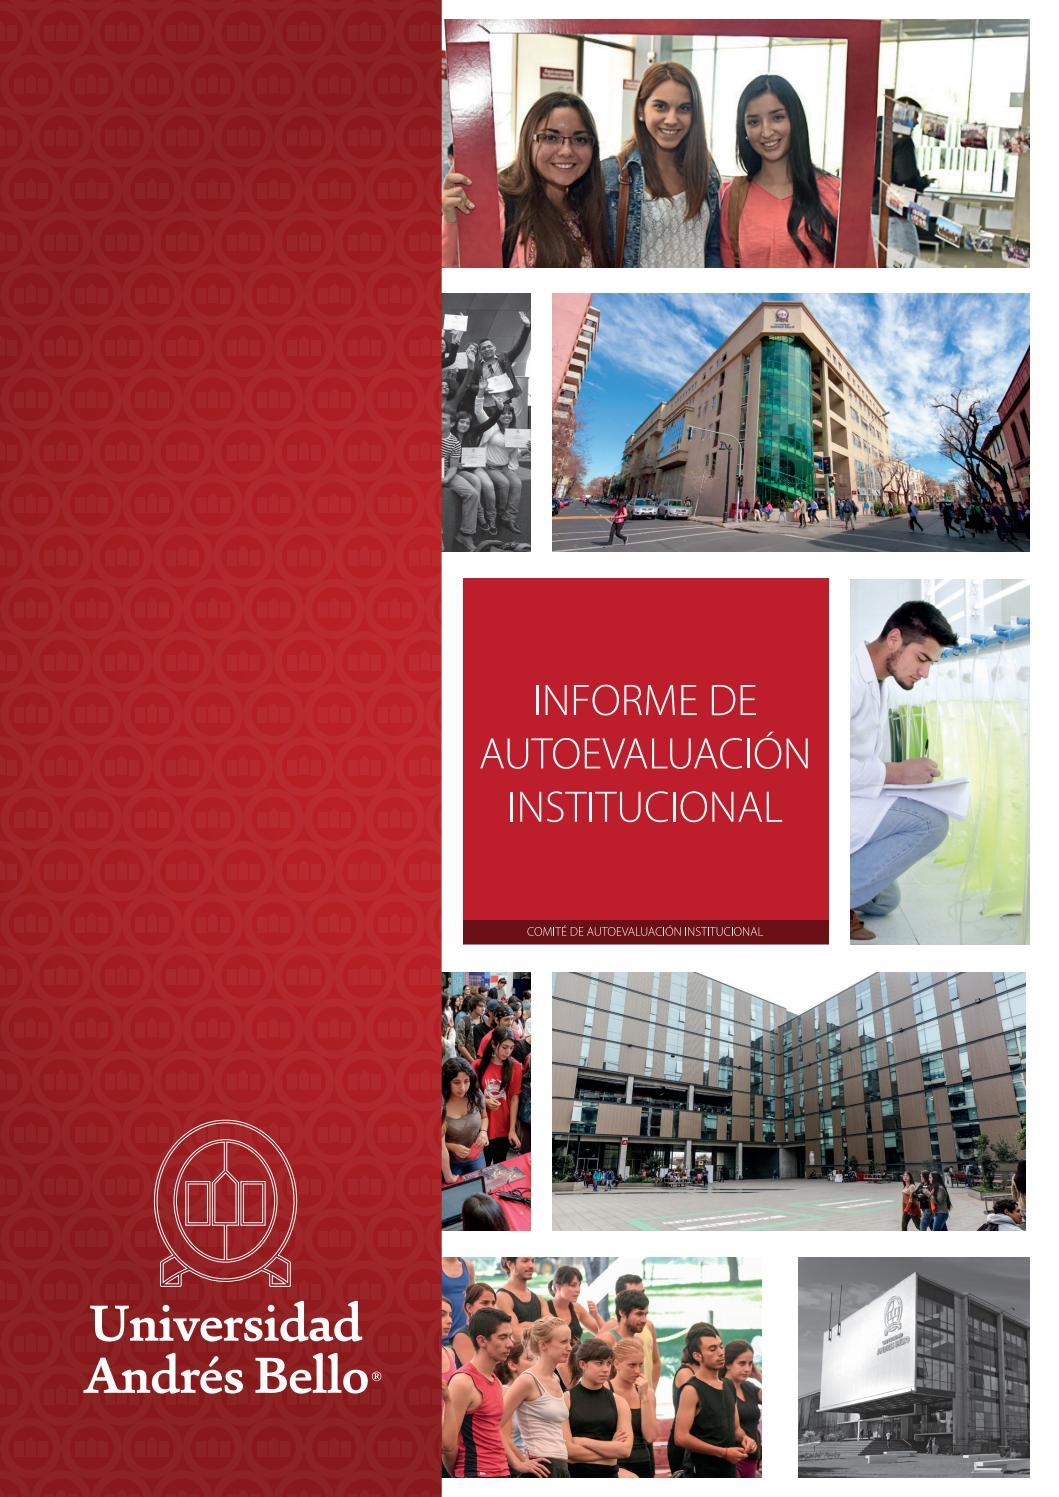 Informe de Autoevaluación Institucional - Universidad Andrés Bello ...